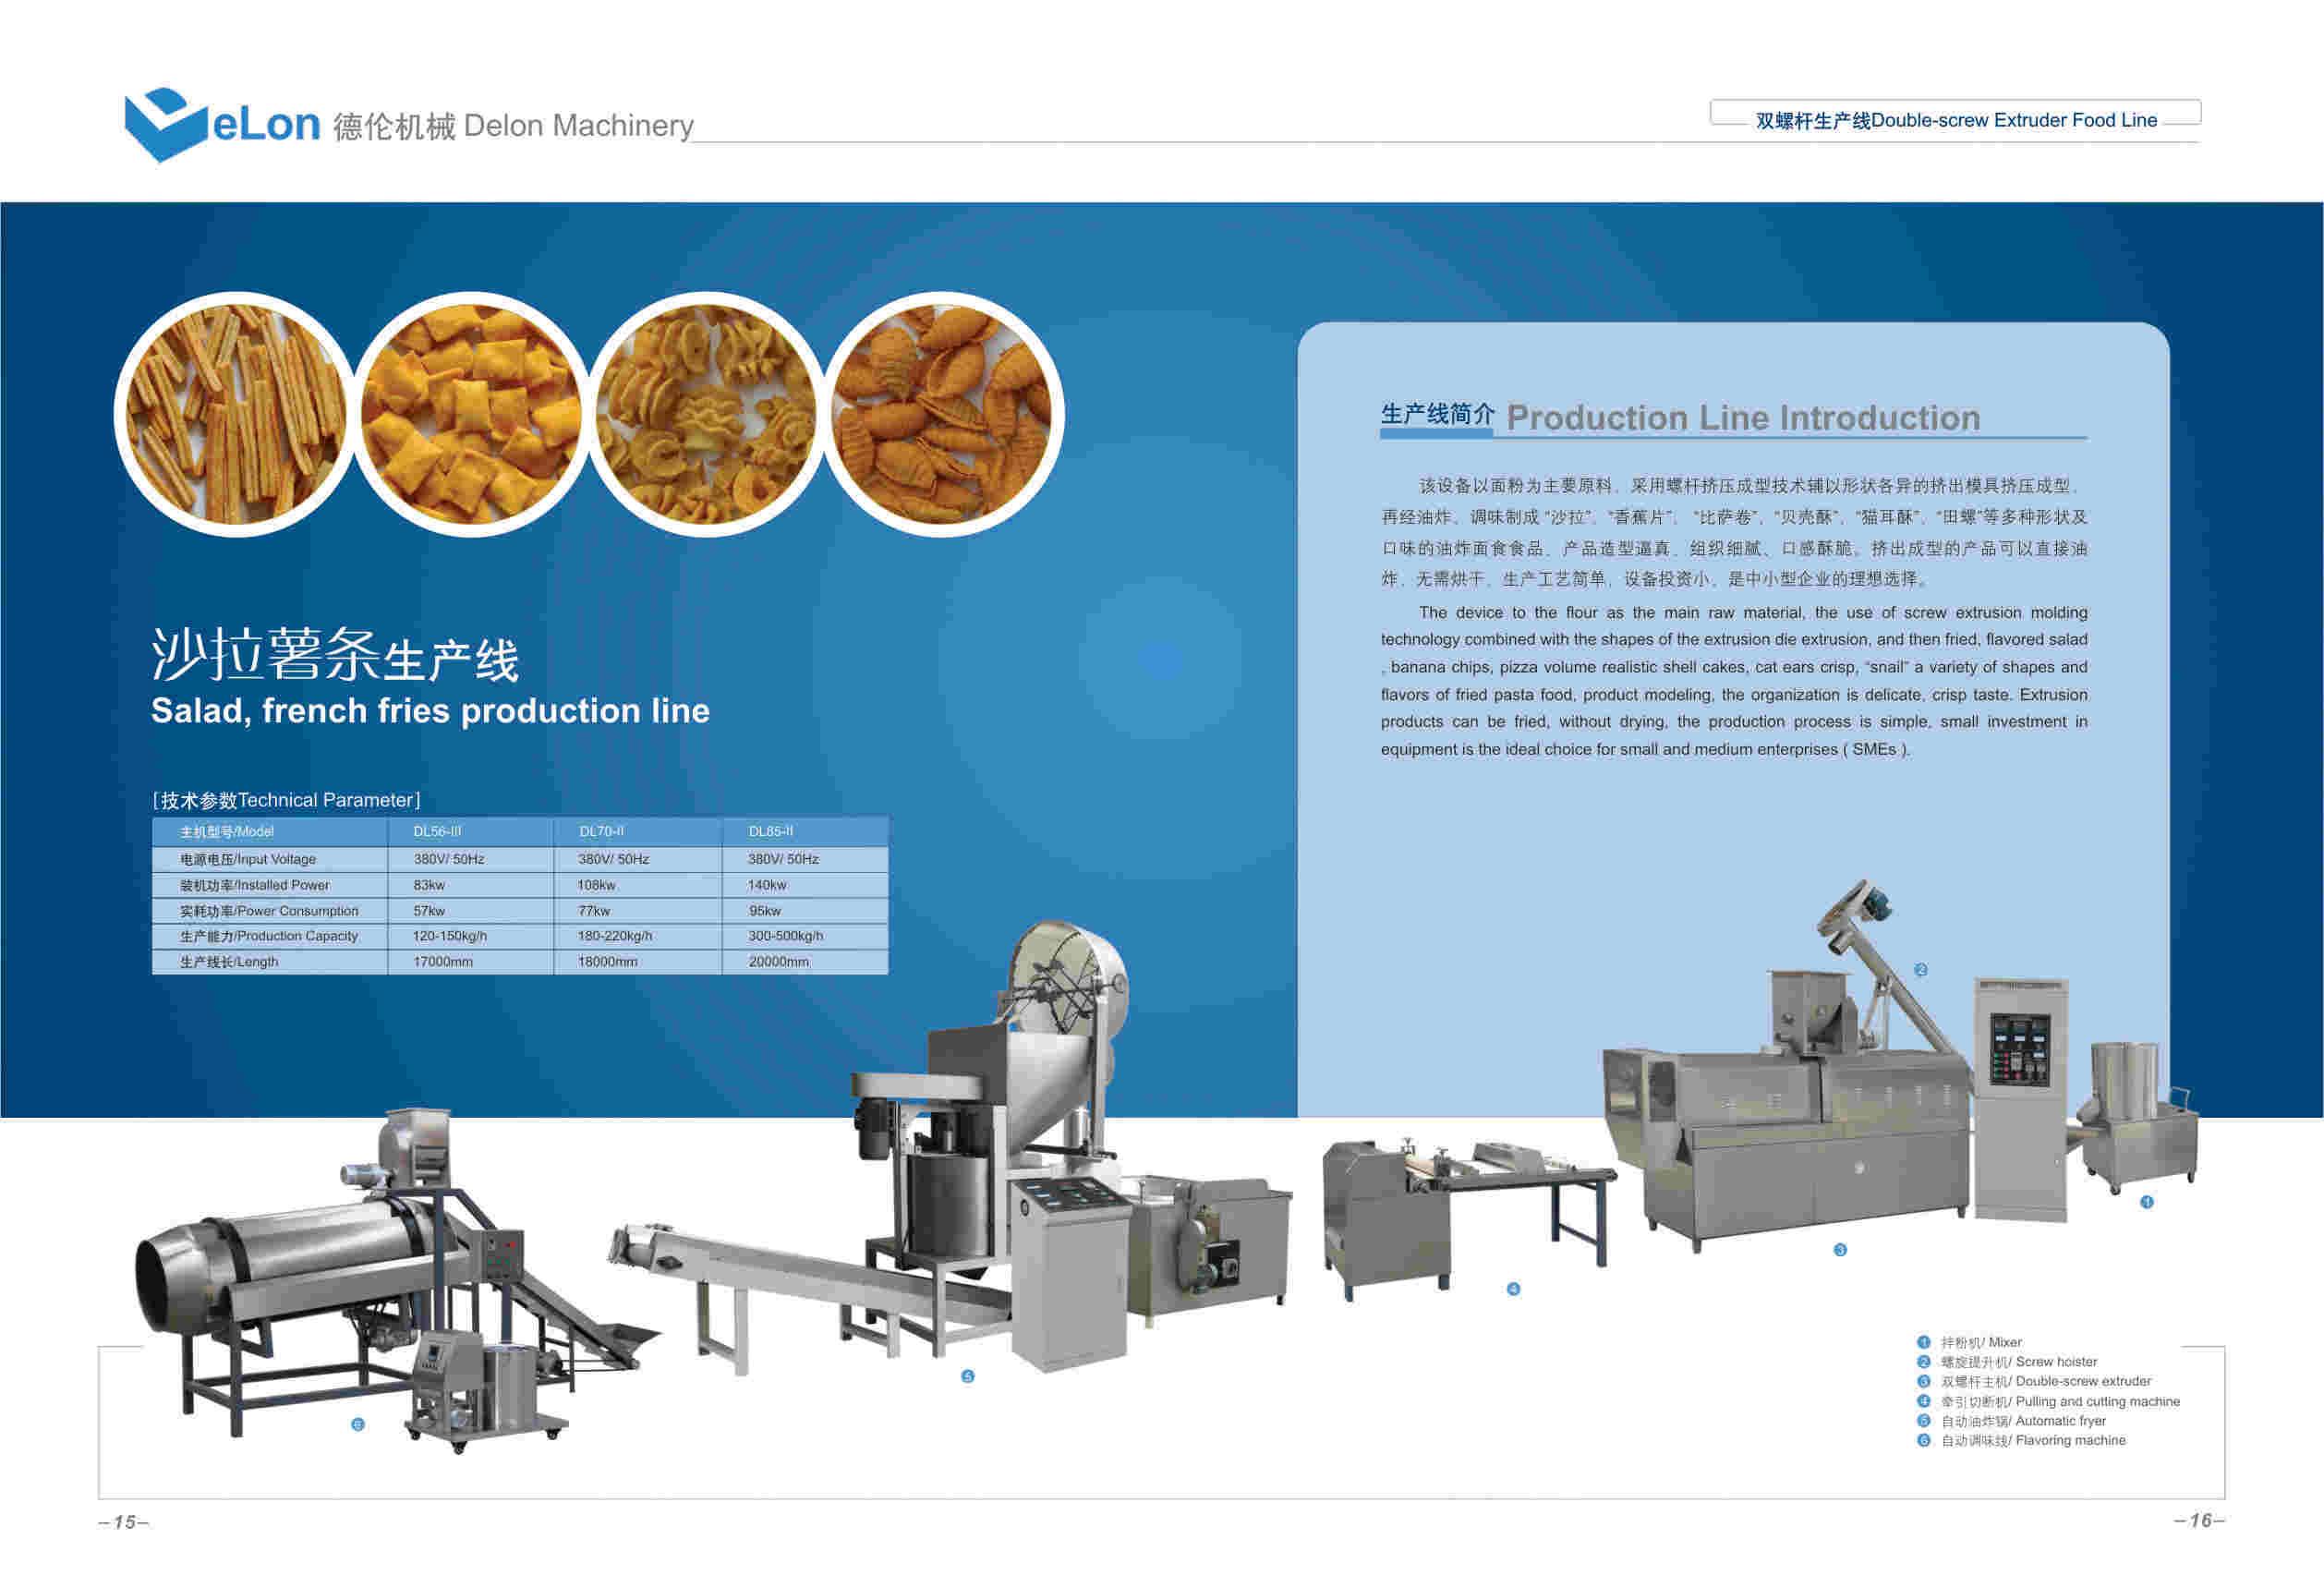 螺旋、贝壳食品生产线